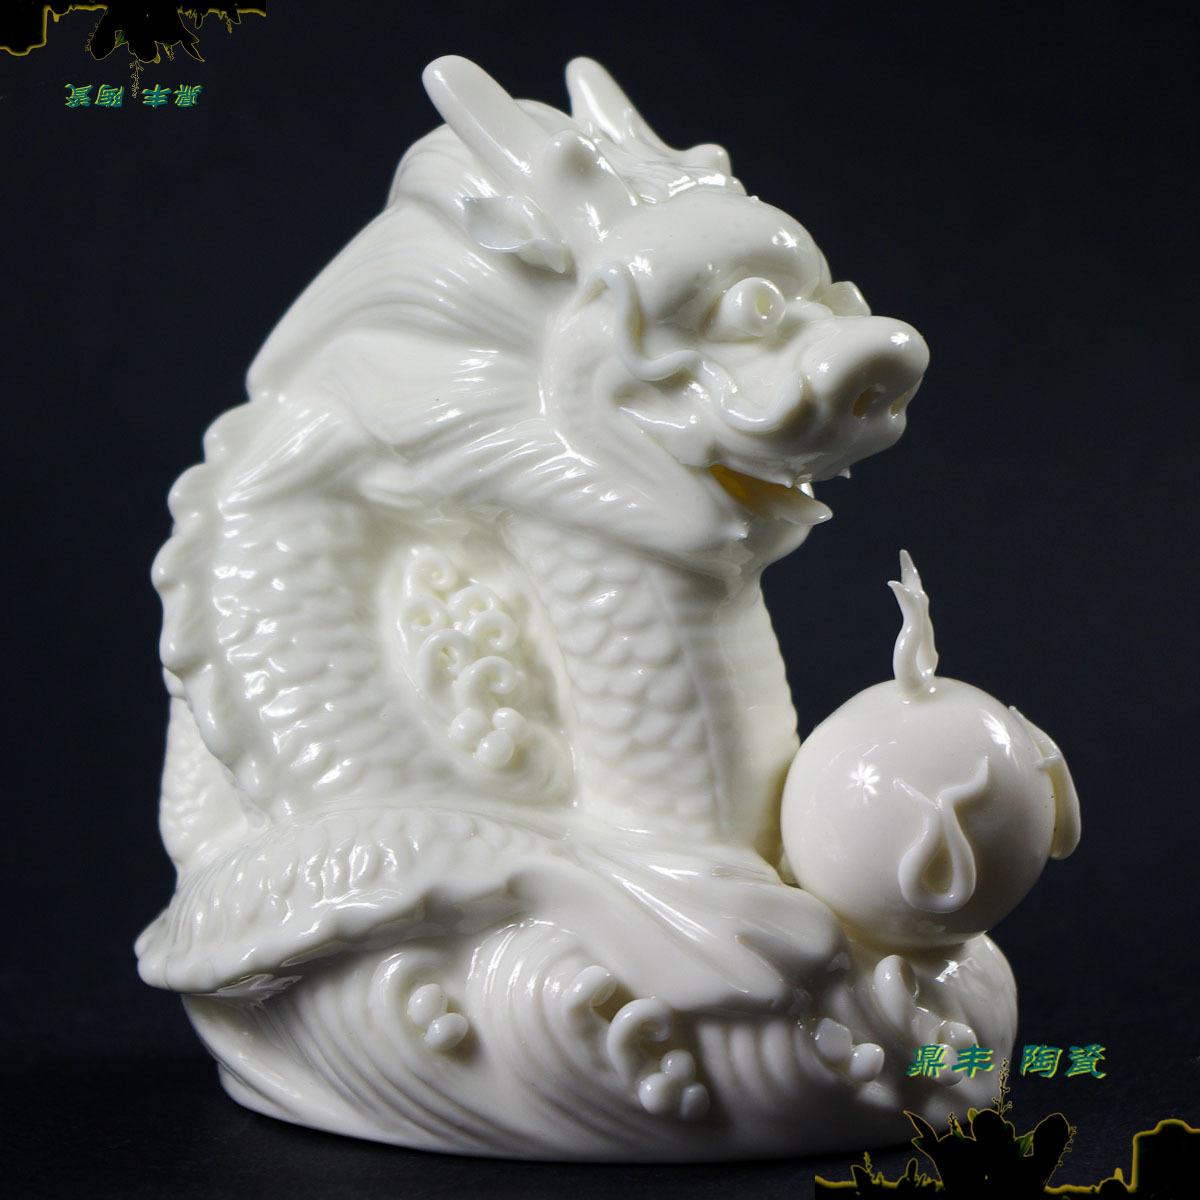 龙白瓷龙风水牛12十二生肖动物摆件礼品鼠虎龙兔 ...